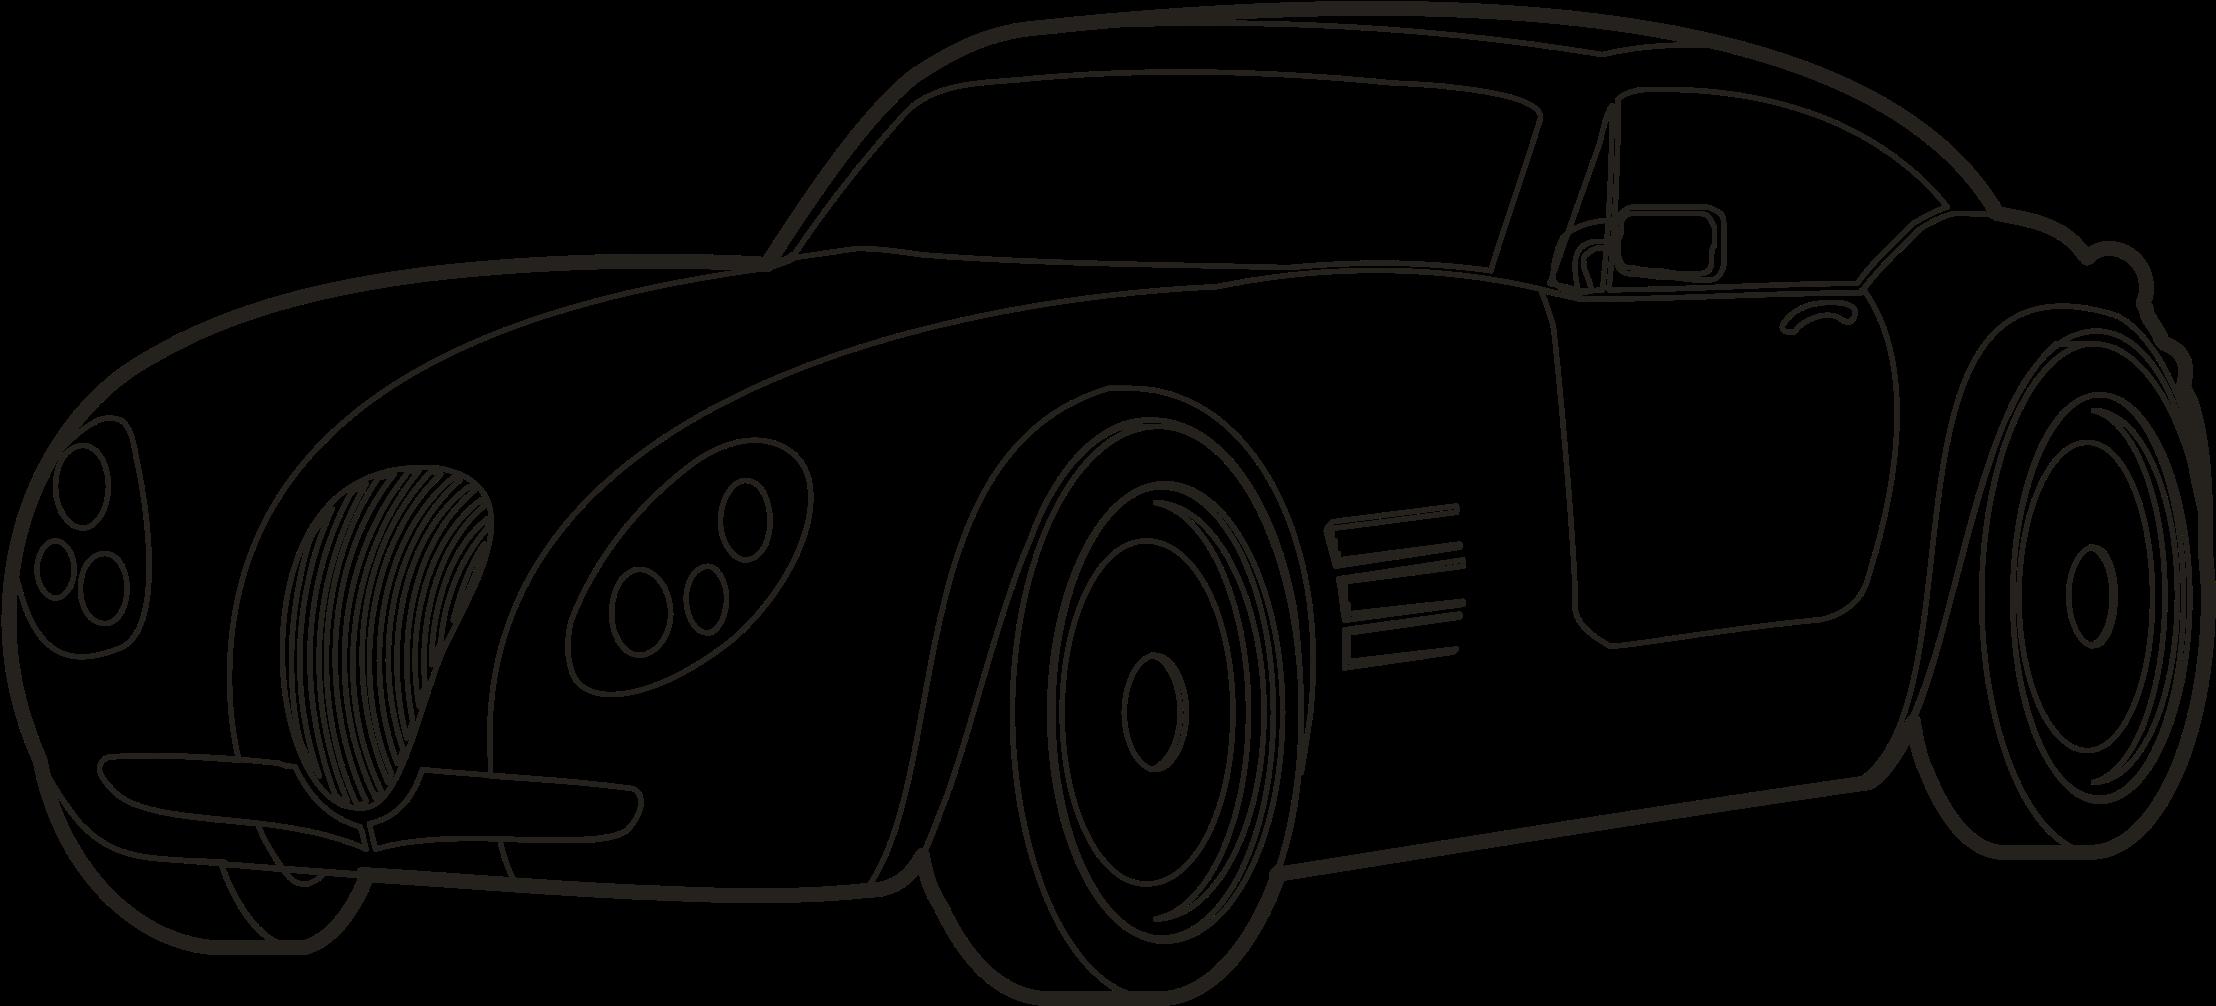 2216x1006 Hd Drawing Sport Car